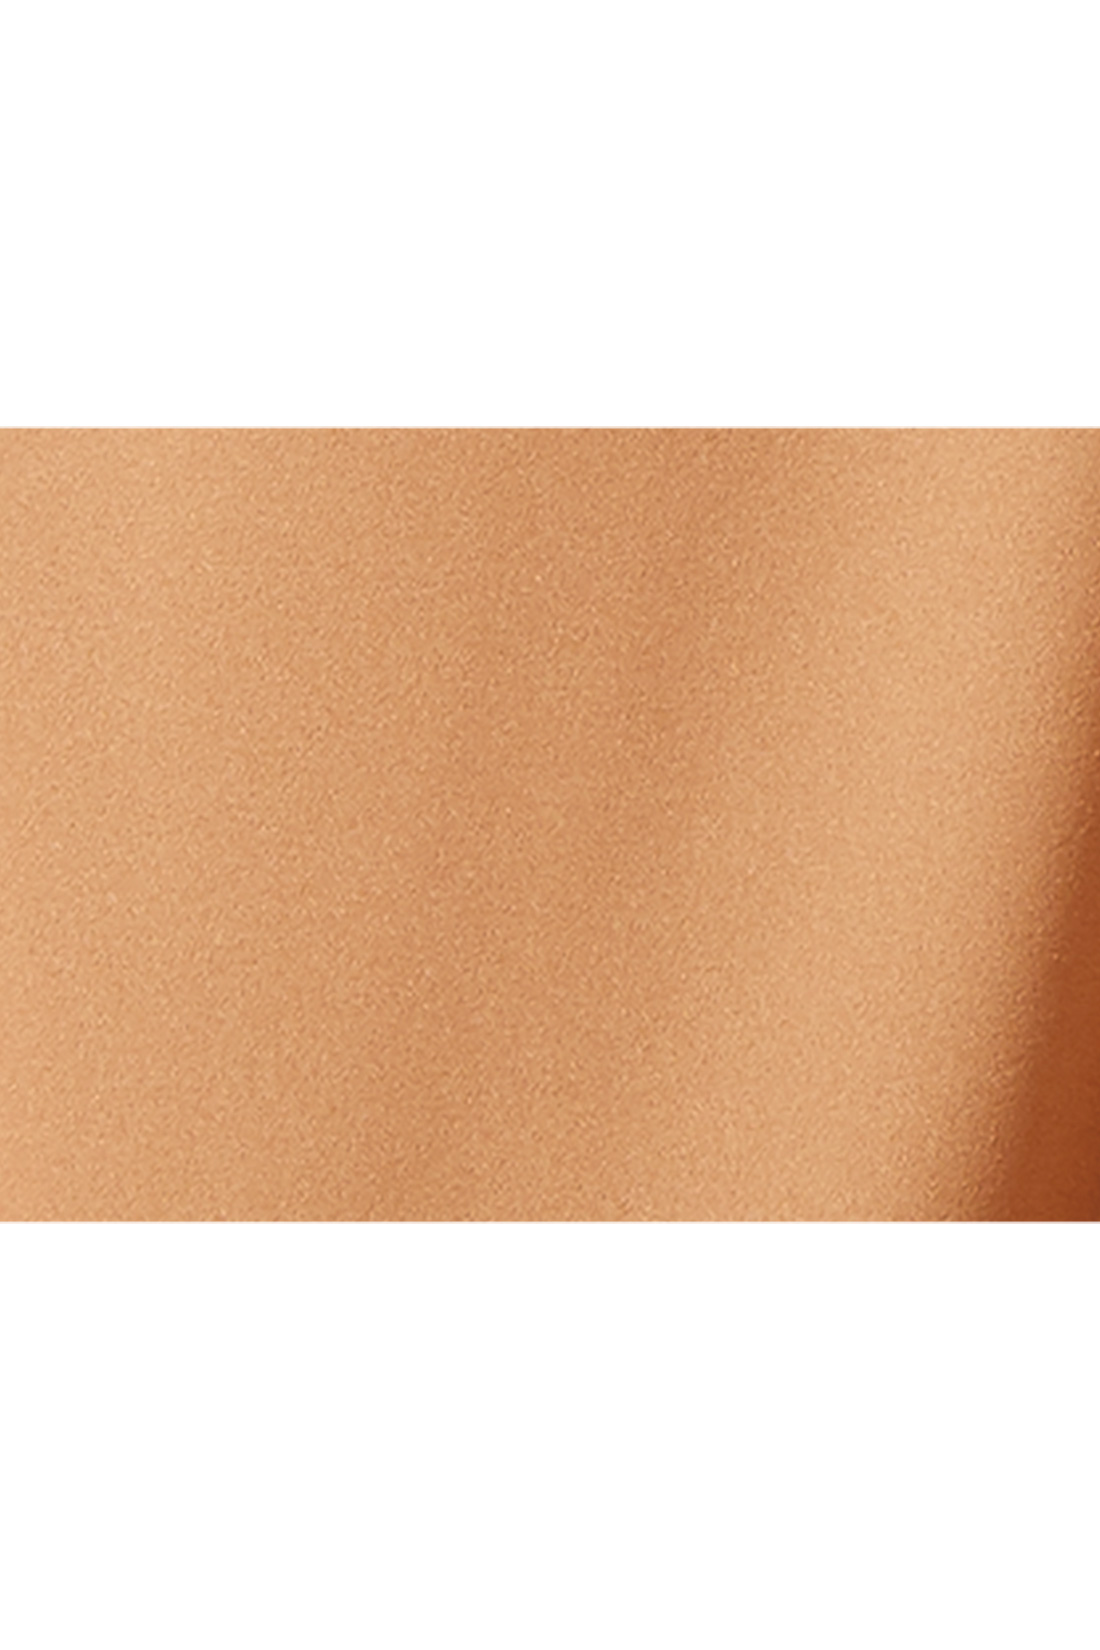 落ち感がきれいなシャリ感素材 女性らしい落ち感と涼しげなシャリ感のある、ポリウレタン混ポリエステルの布はく素材。しわになりにくくお手入れも簡単です。